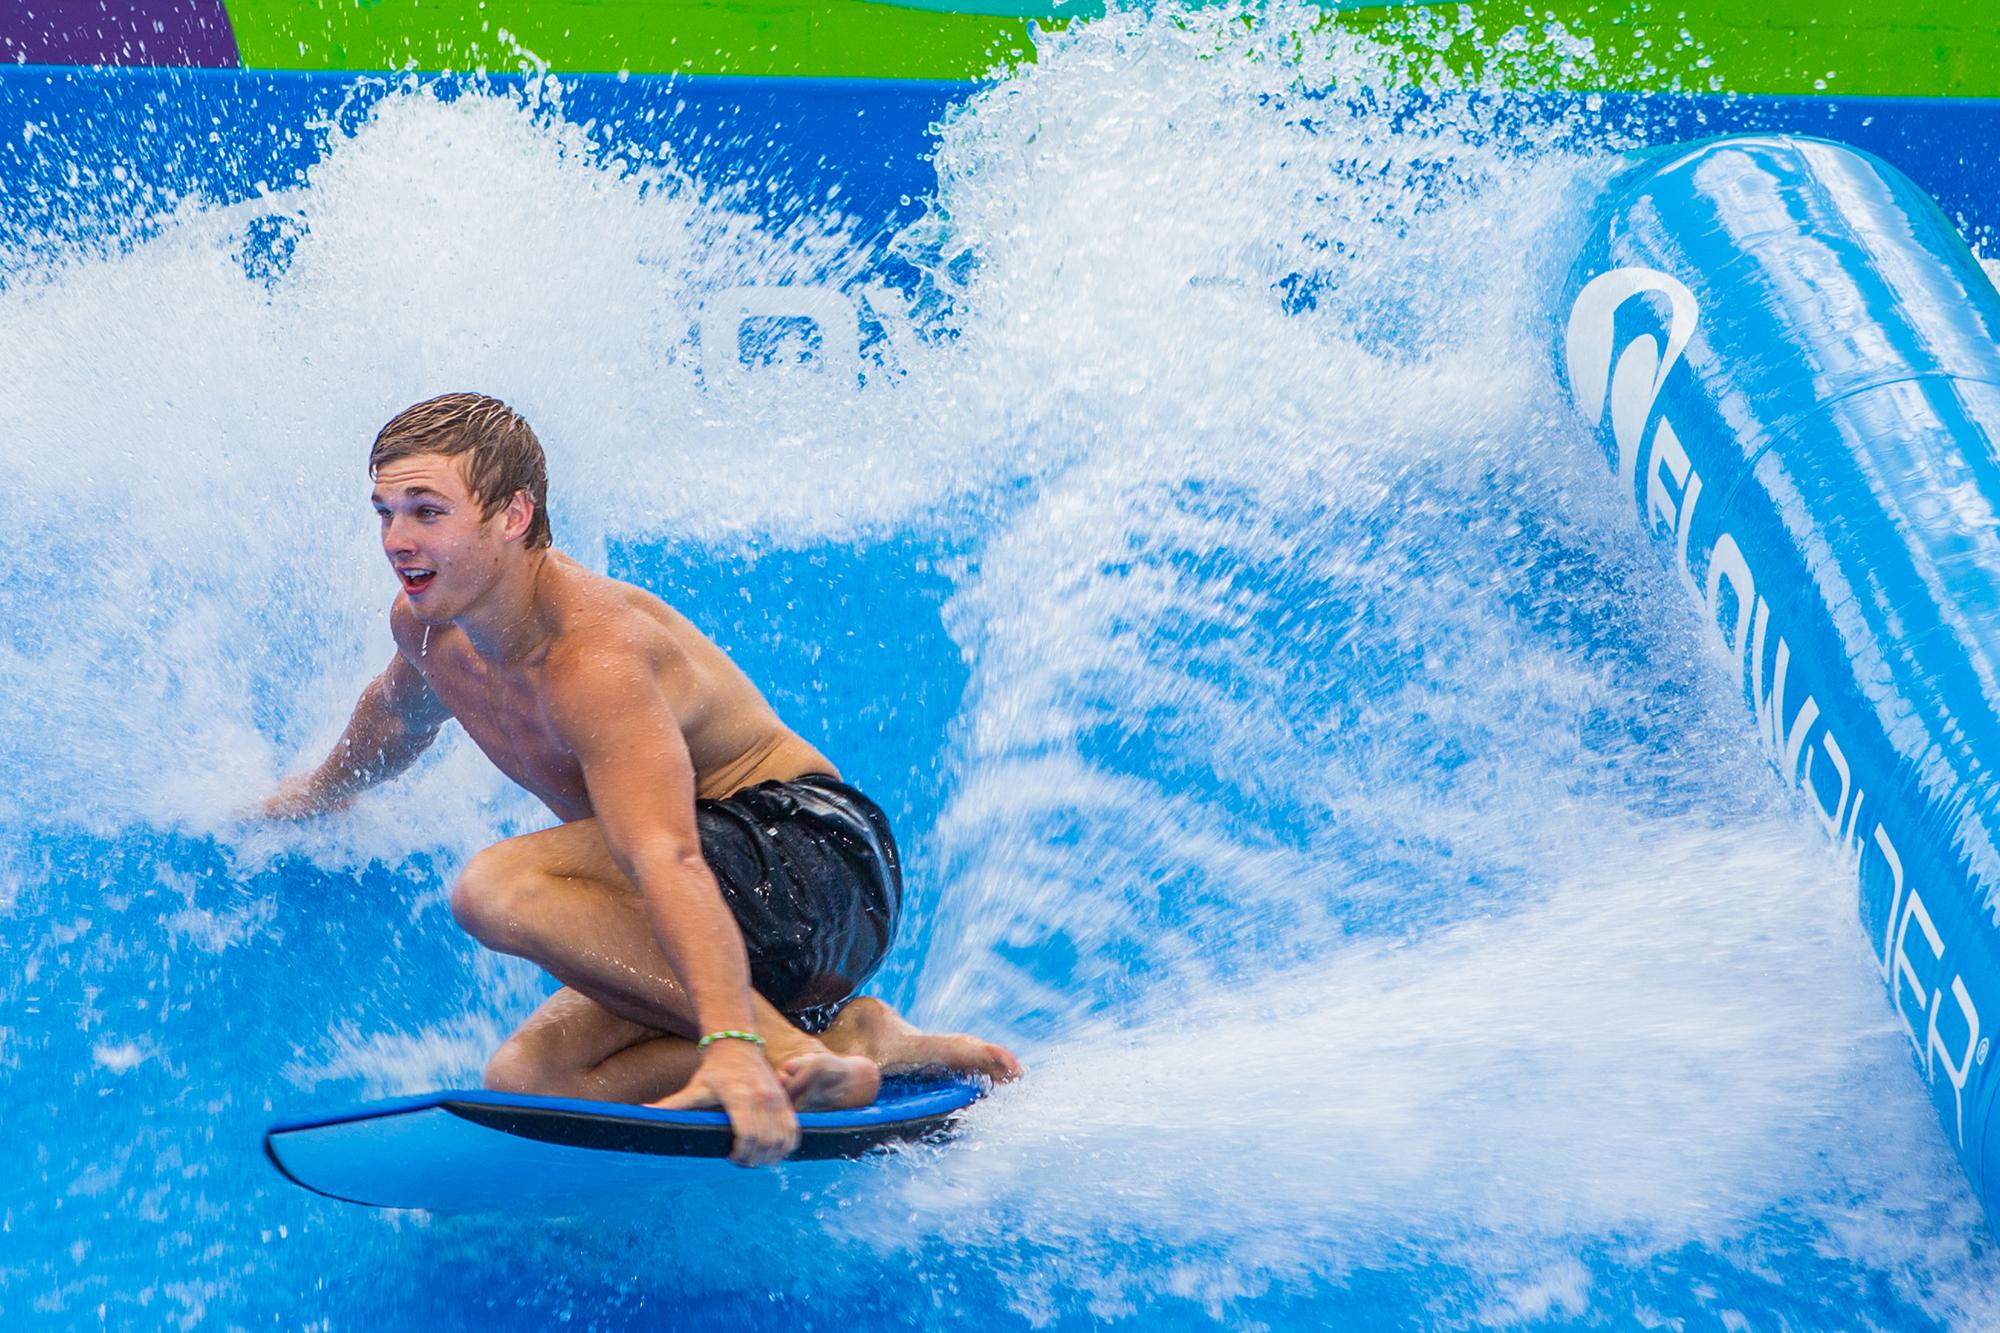 FlowRider surf rider